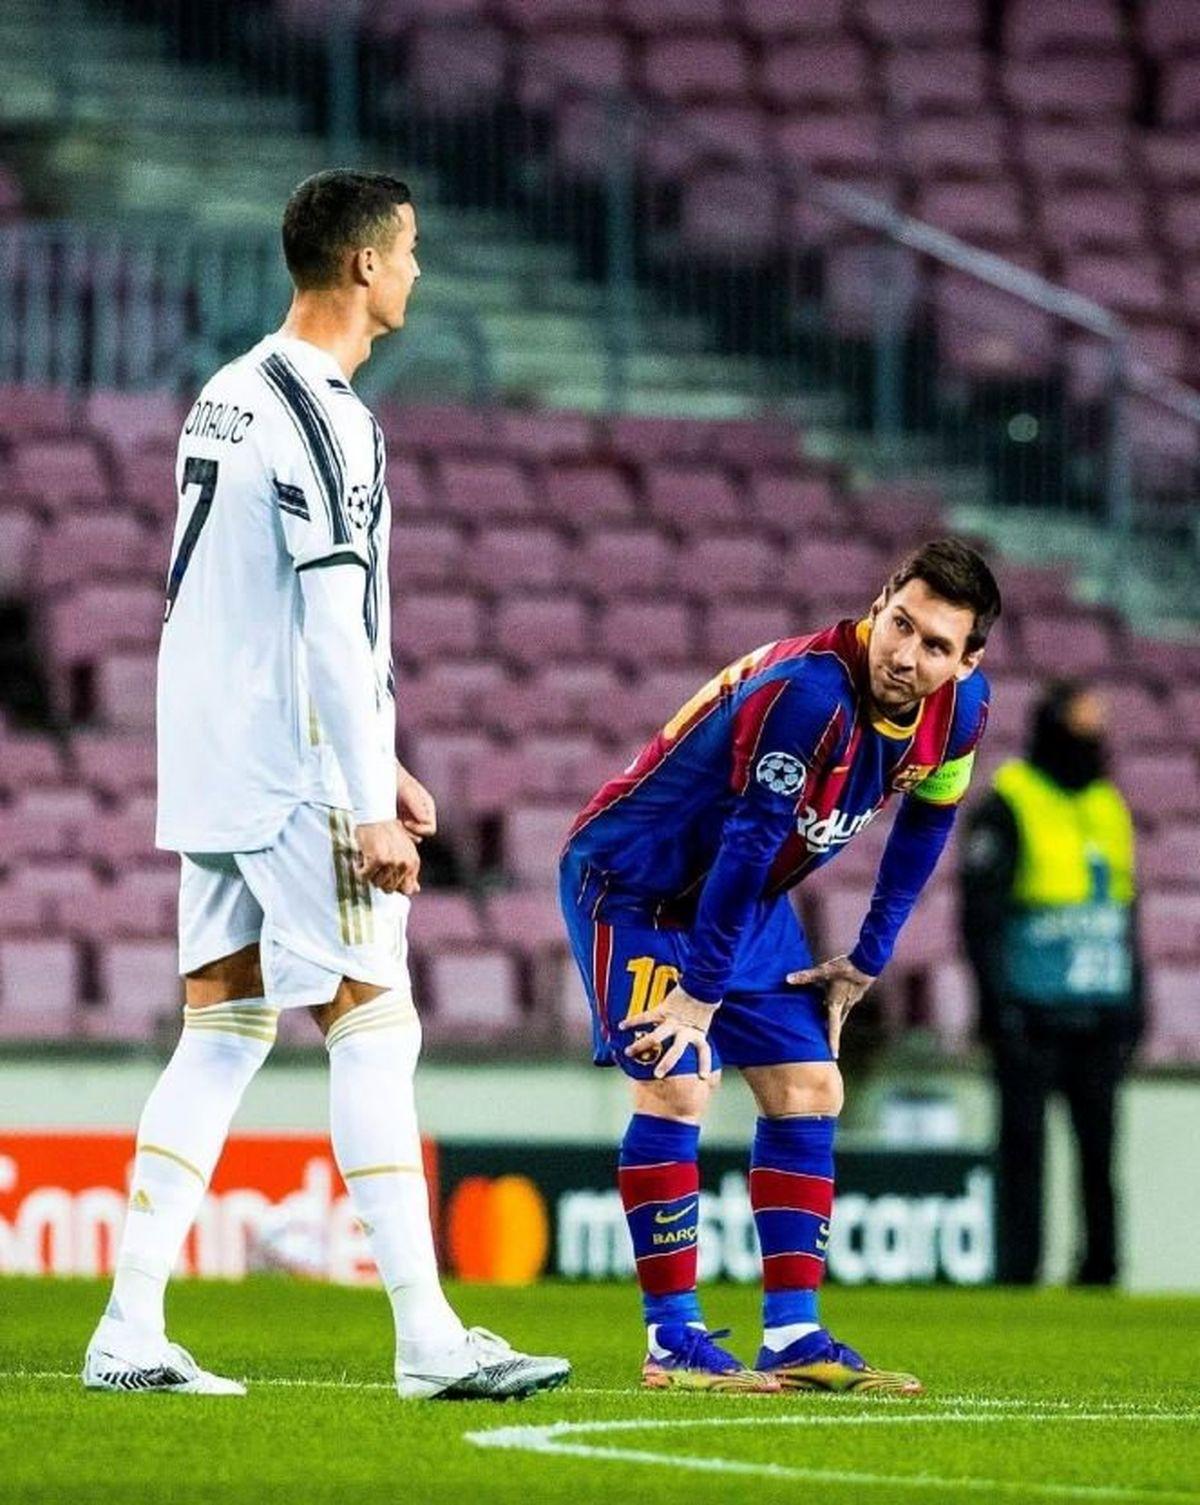 شوک به دنیای فوتبال؛ مسی از بارسا جدا شد!